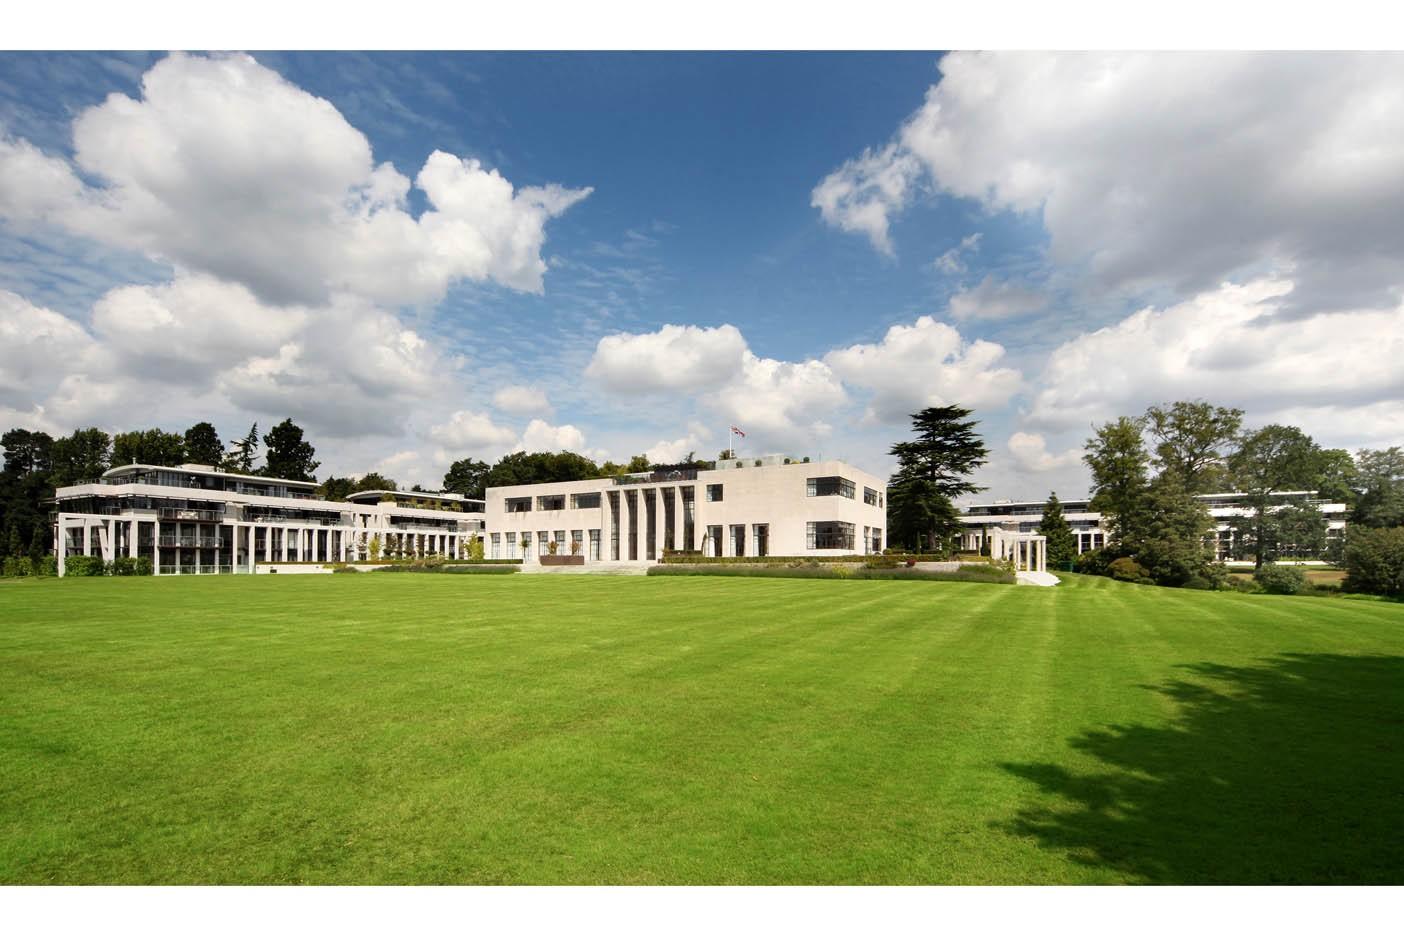 Appartements / Flats pour l à louer à The Court, Sunningdale, Berkshire, SL5 Sunningdale, Angleterre